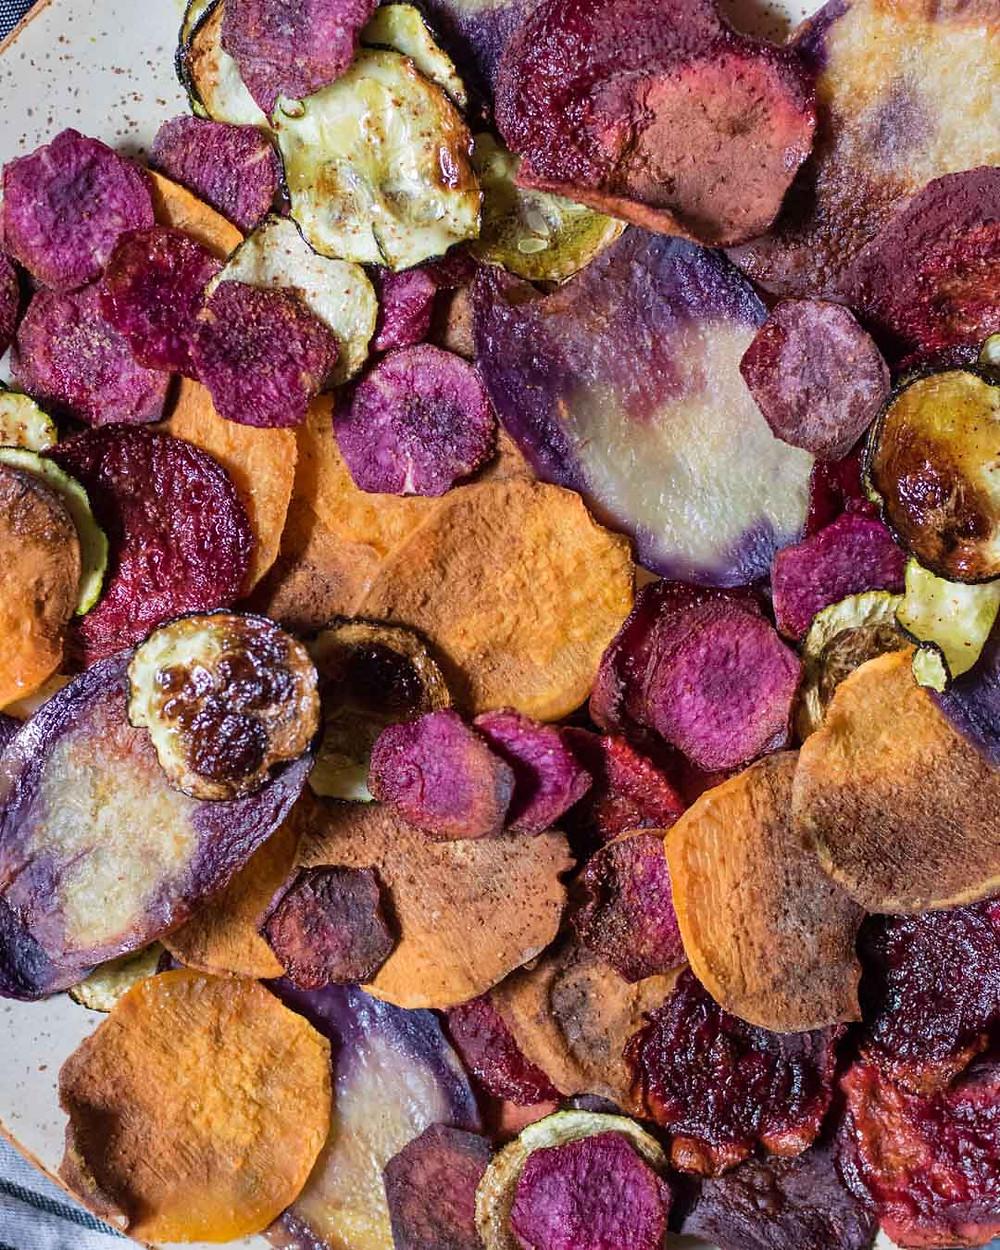 צ'יפס ירקות אפוי טבעוני ללא גלוטן בריא